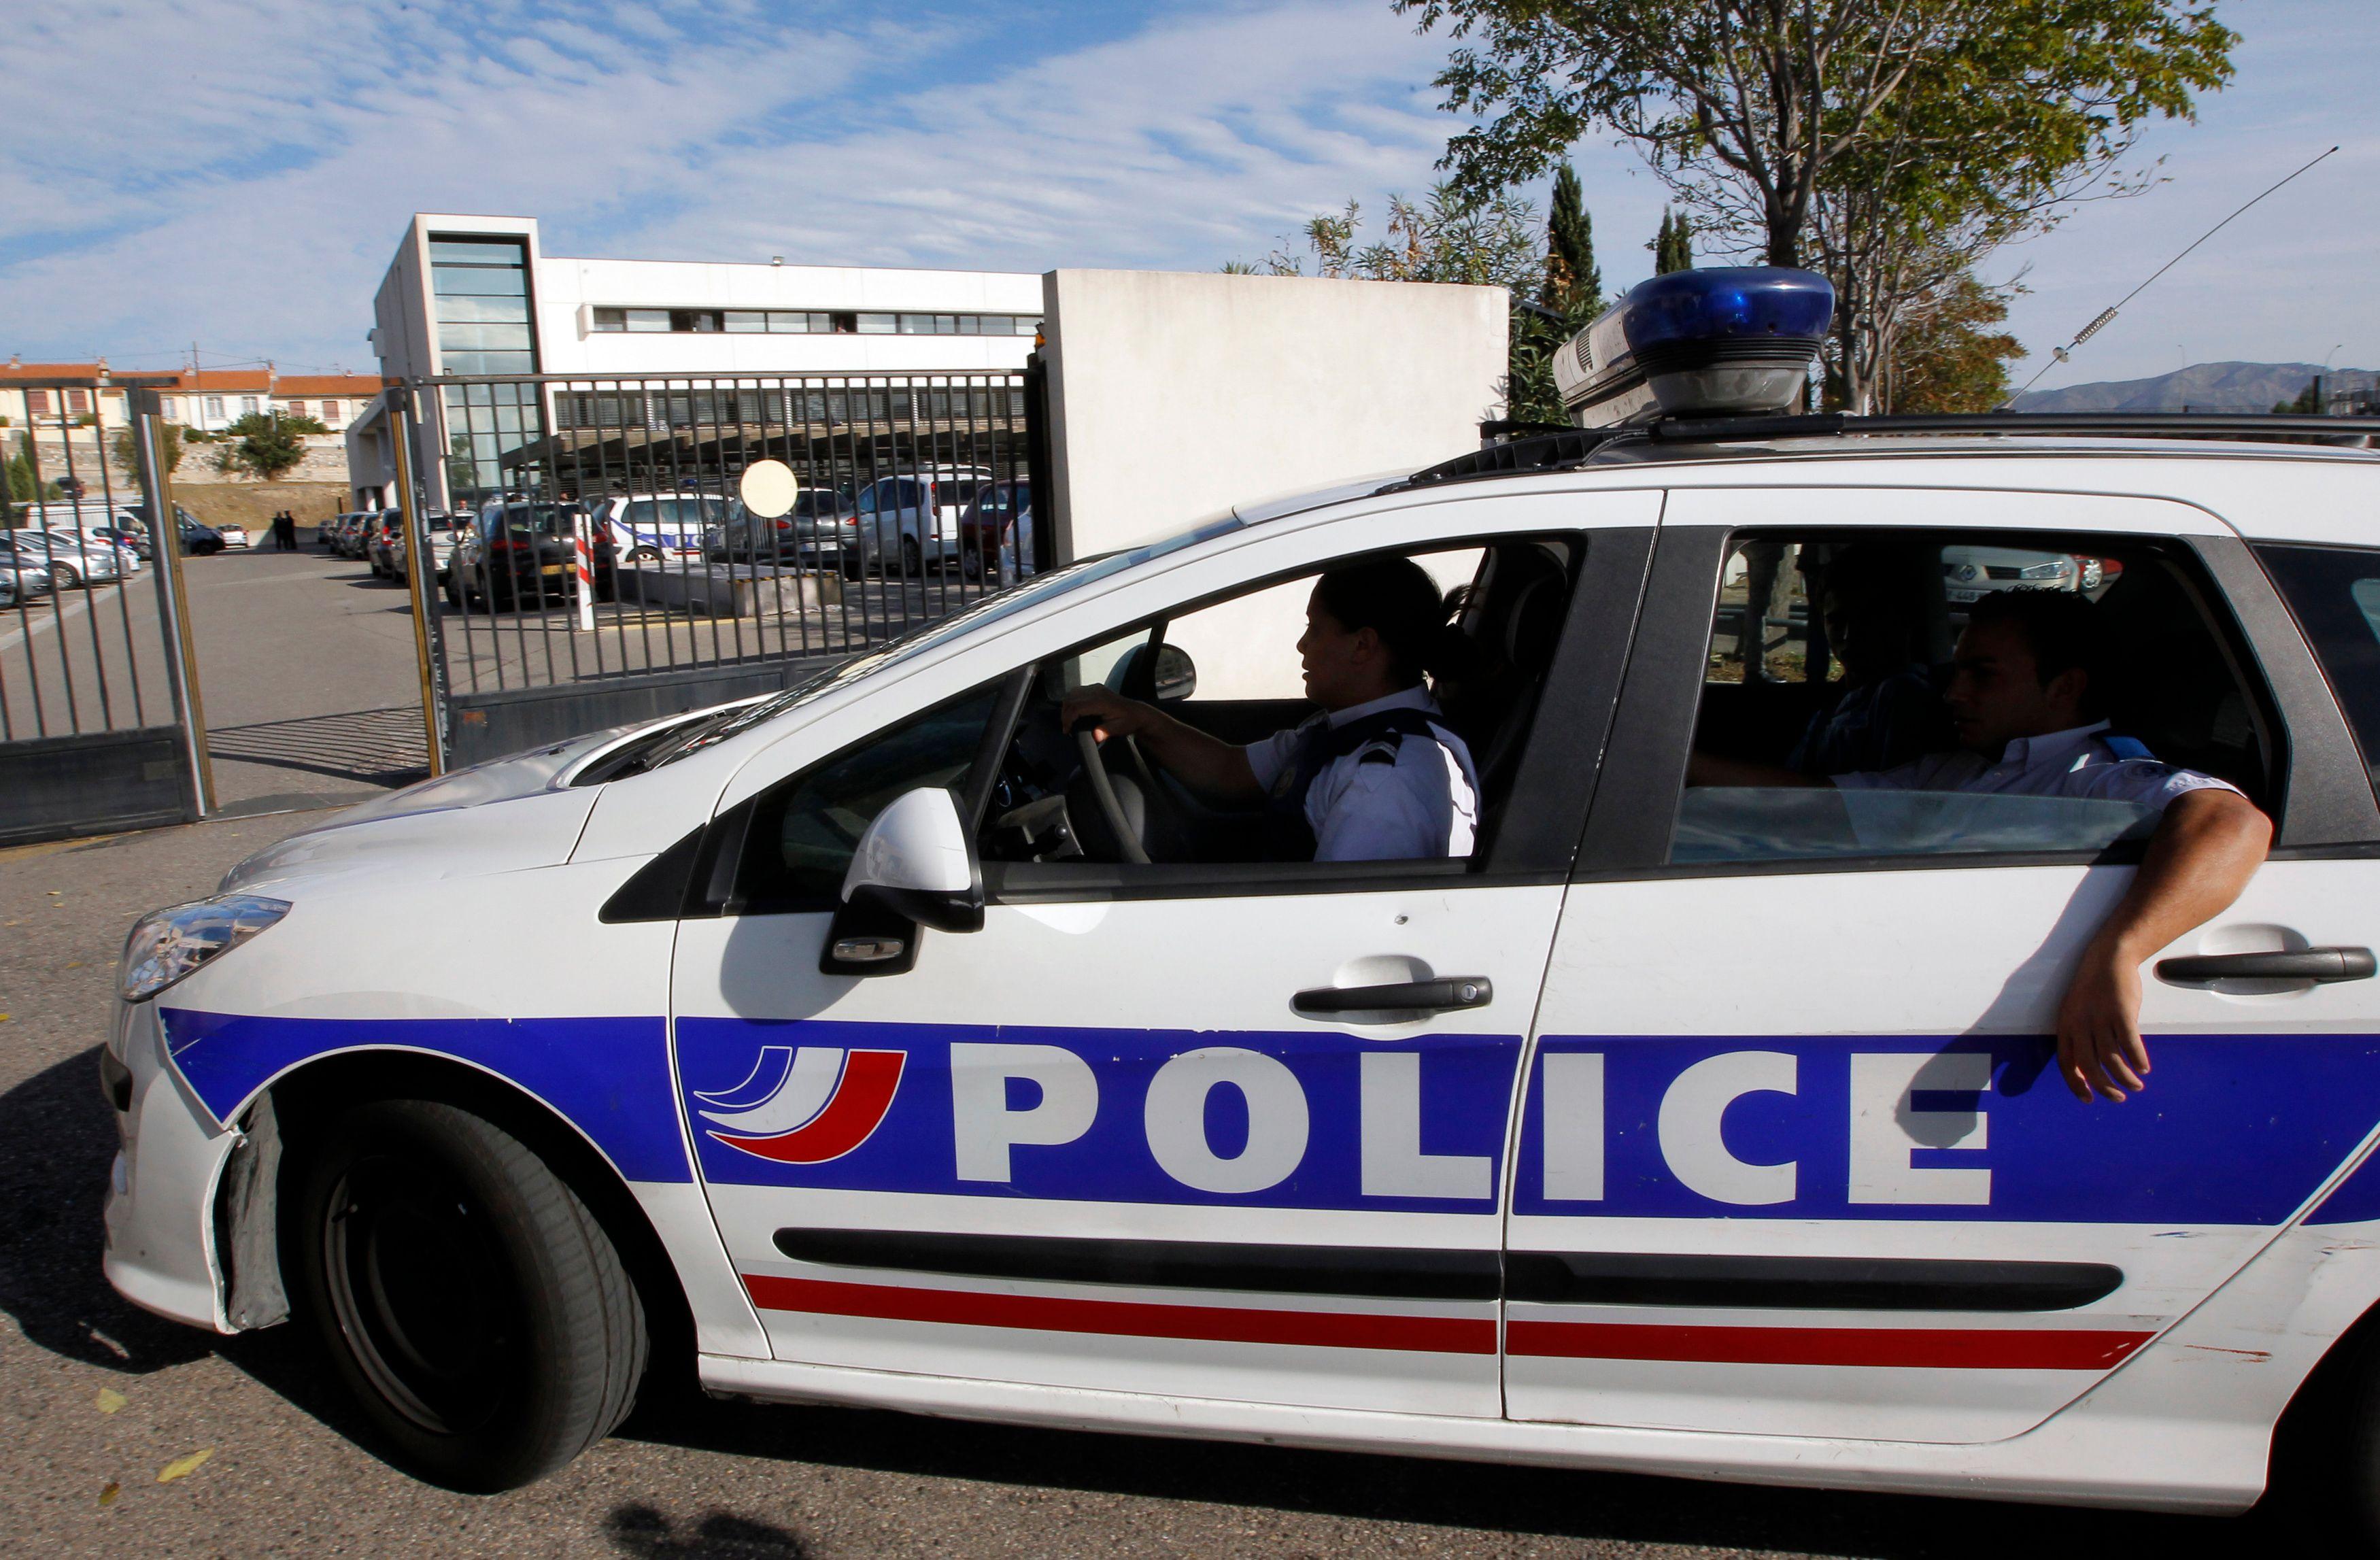 En excès de vitesse le soir du 13 novembre, un policier parisien sommé de s'expliquer